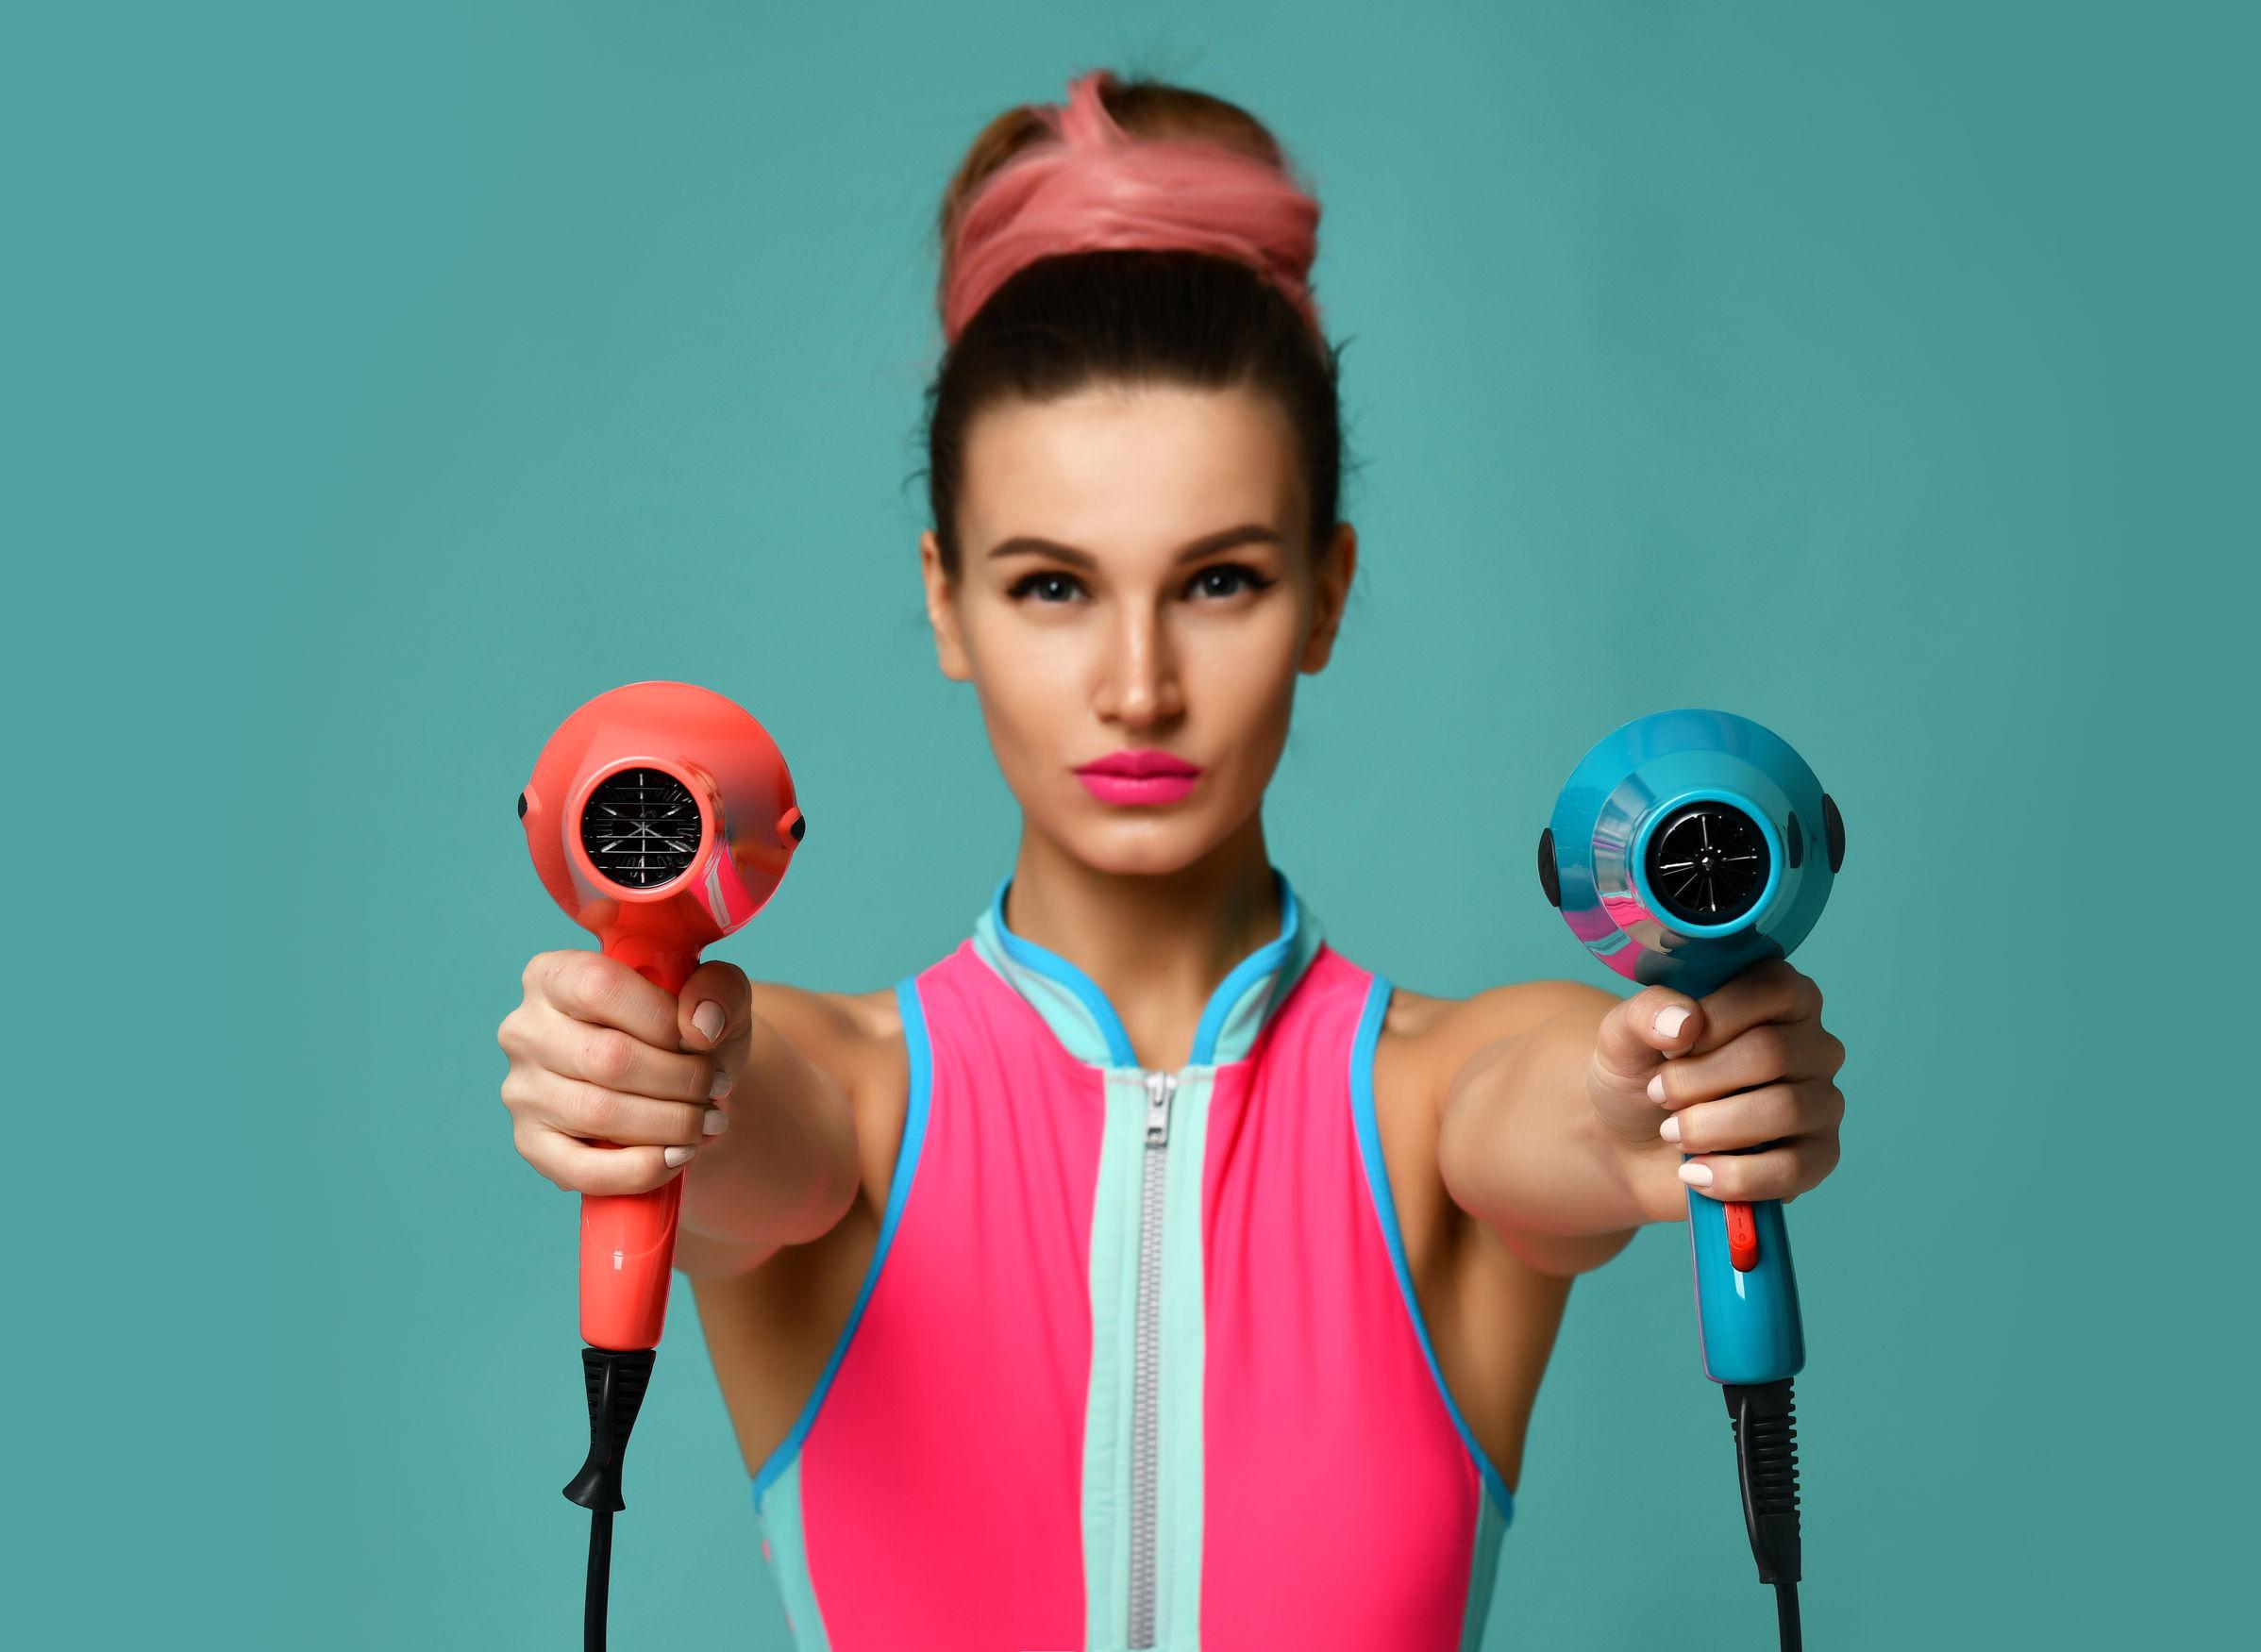 La Guía Definitiva de secadores de pelo —¡Que no nos engañen! 29cfa597edf0